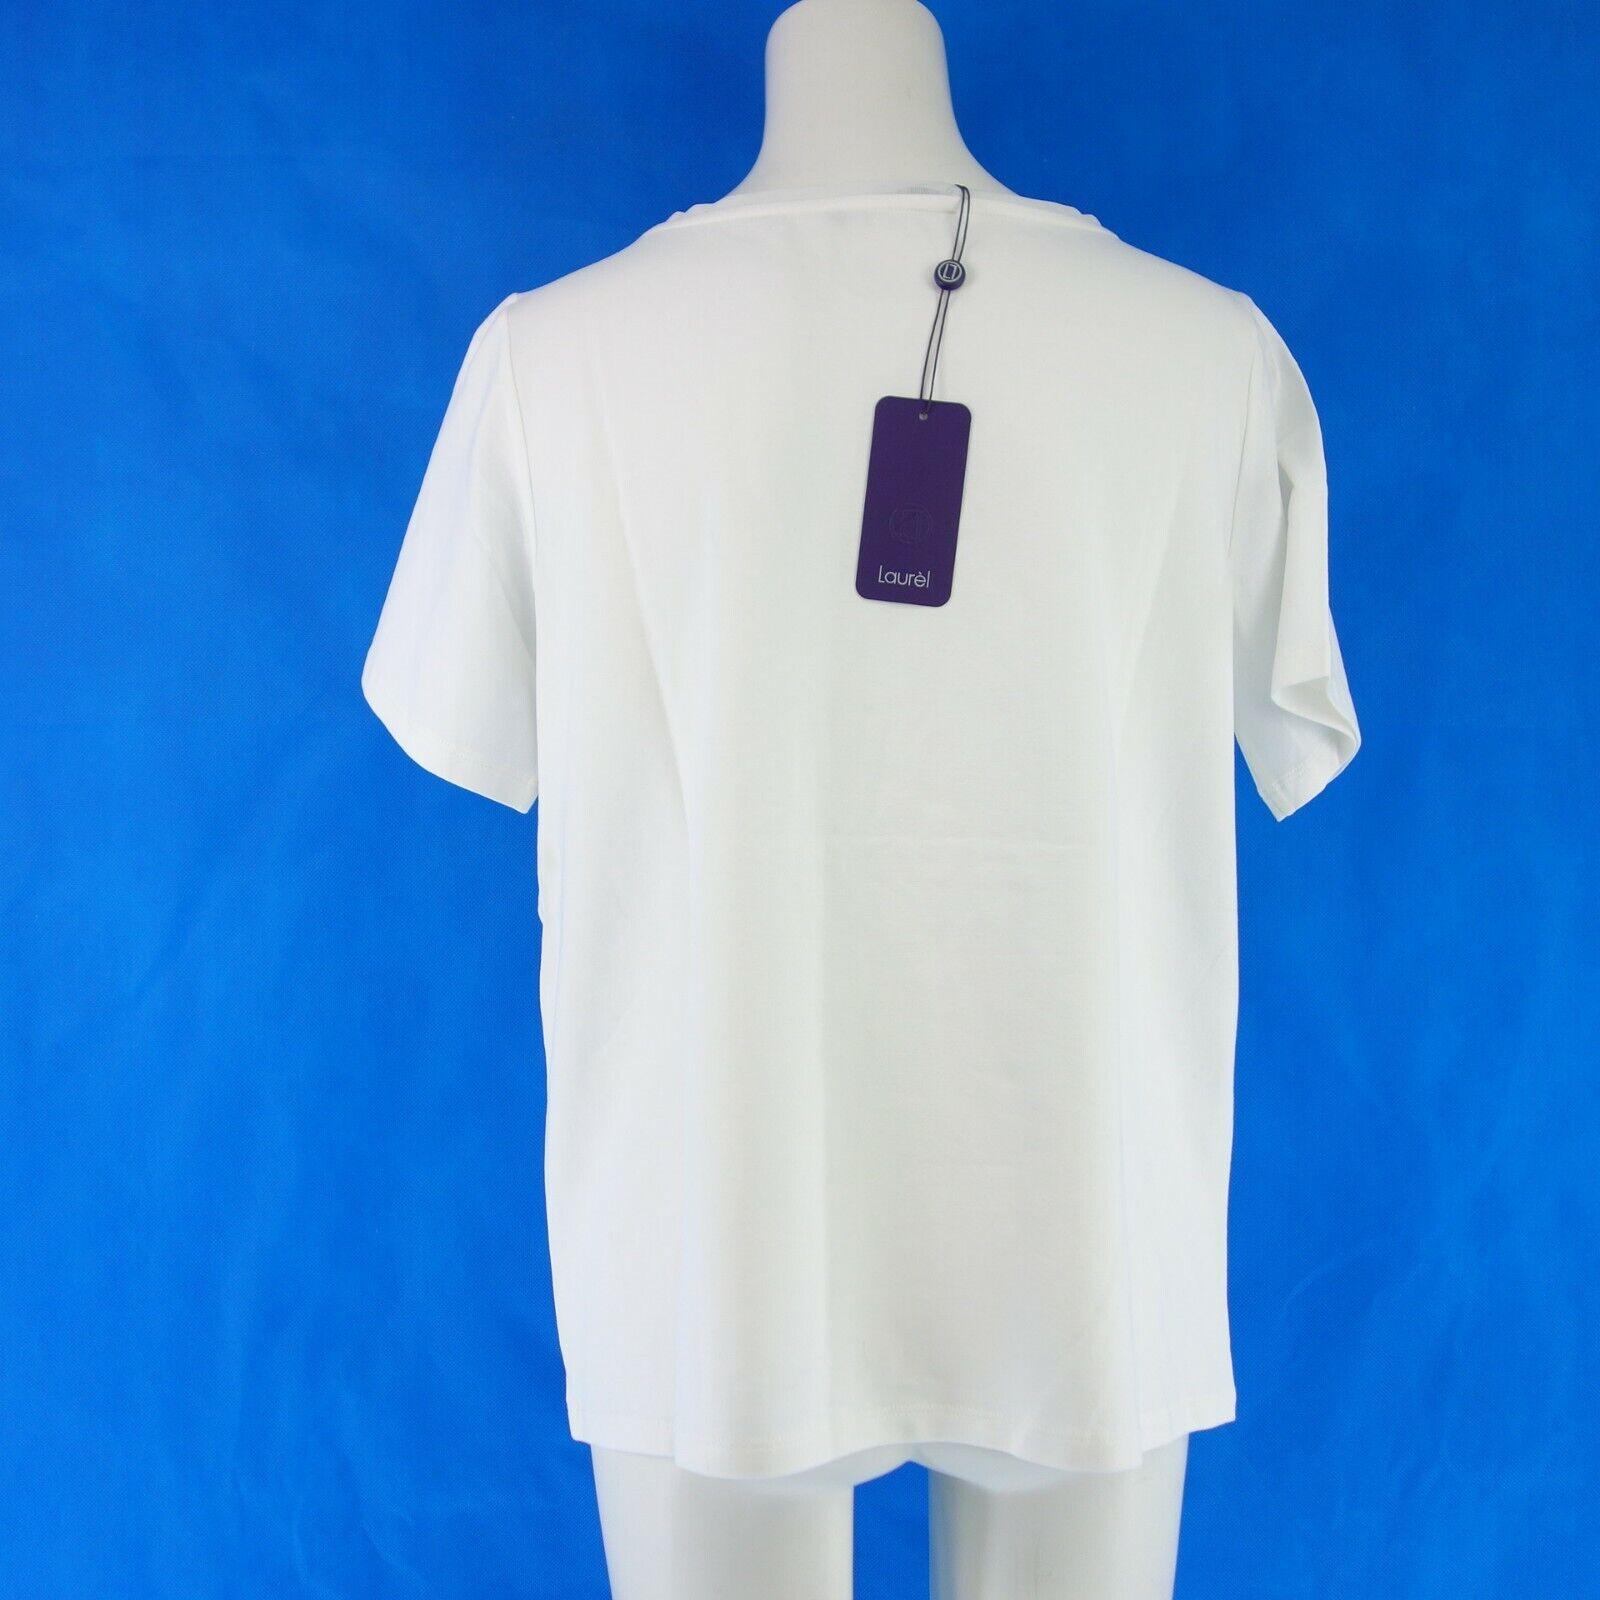 LAURÉL Laurel Damen Shirt 41264 41264 41264 Gr 42 44 Weiß Print Baumwolle Elasthan NP 99 NEU | Spielzeugwelt, spielen Sie Ihre eigene Welt  | Große Klassifizierung  fd06e7